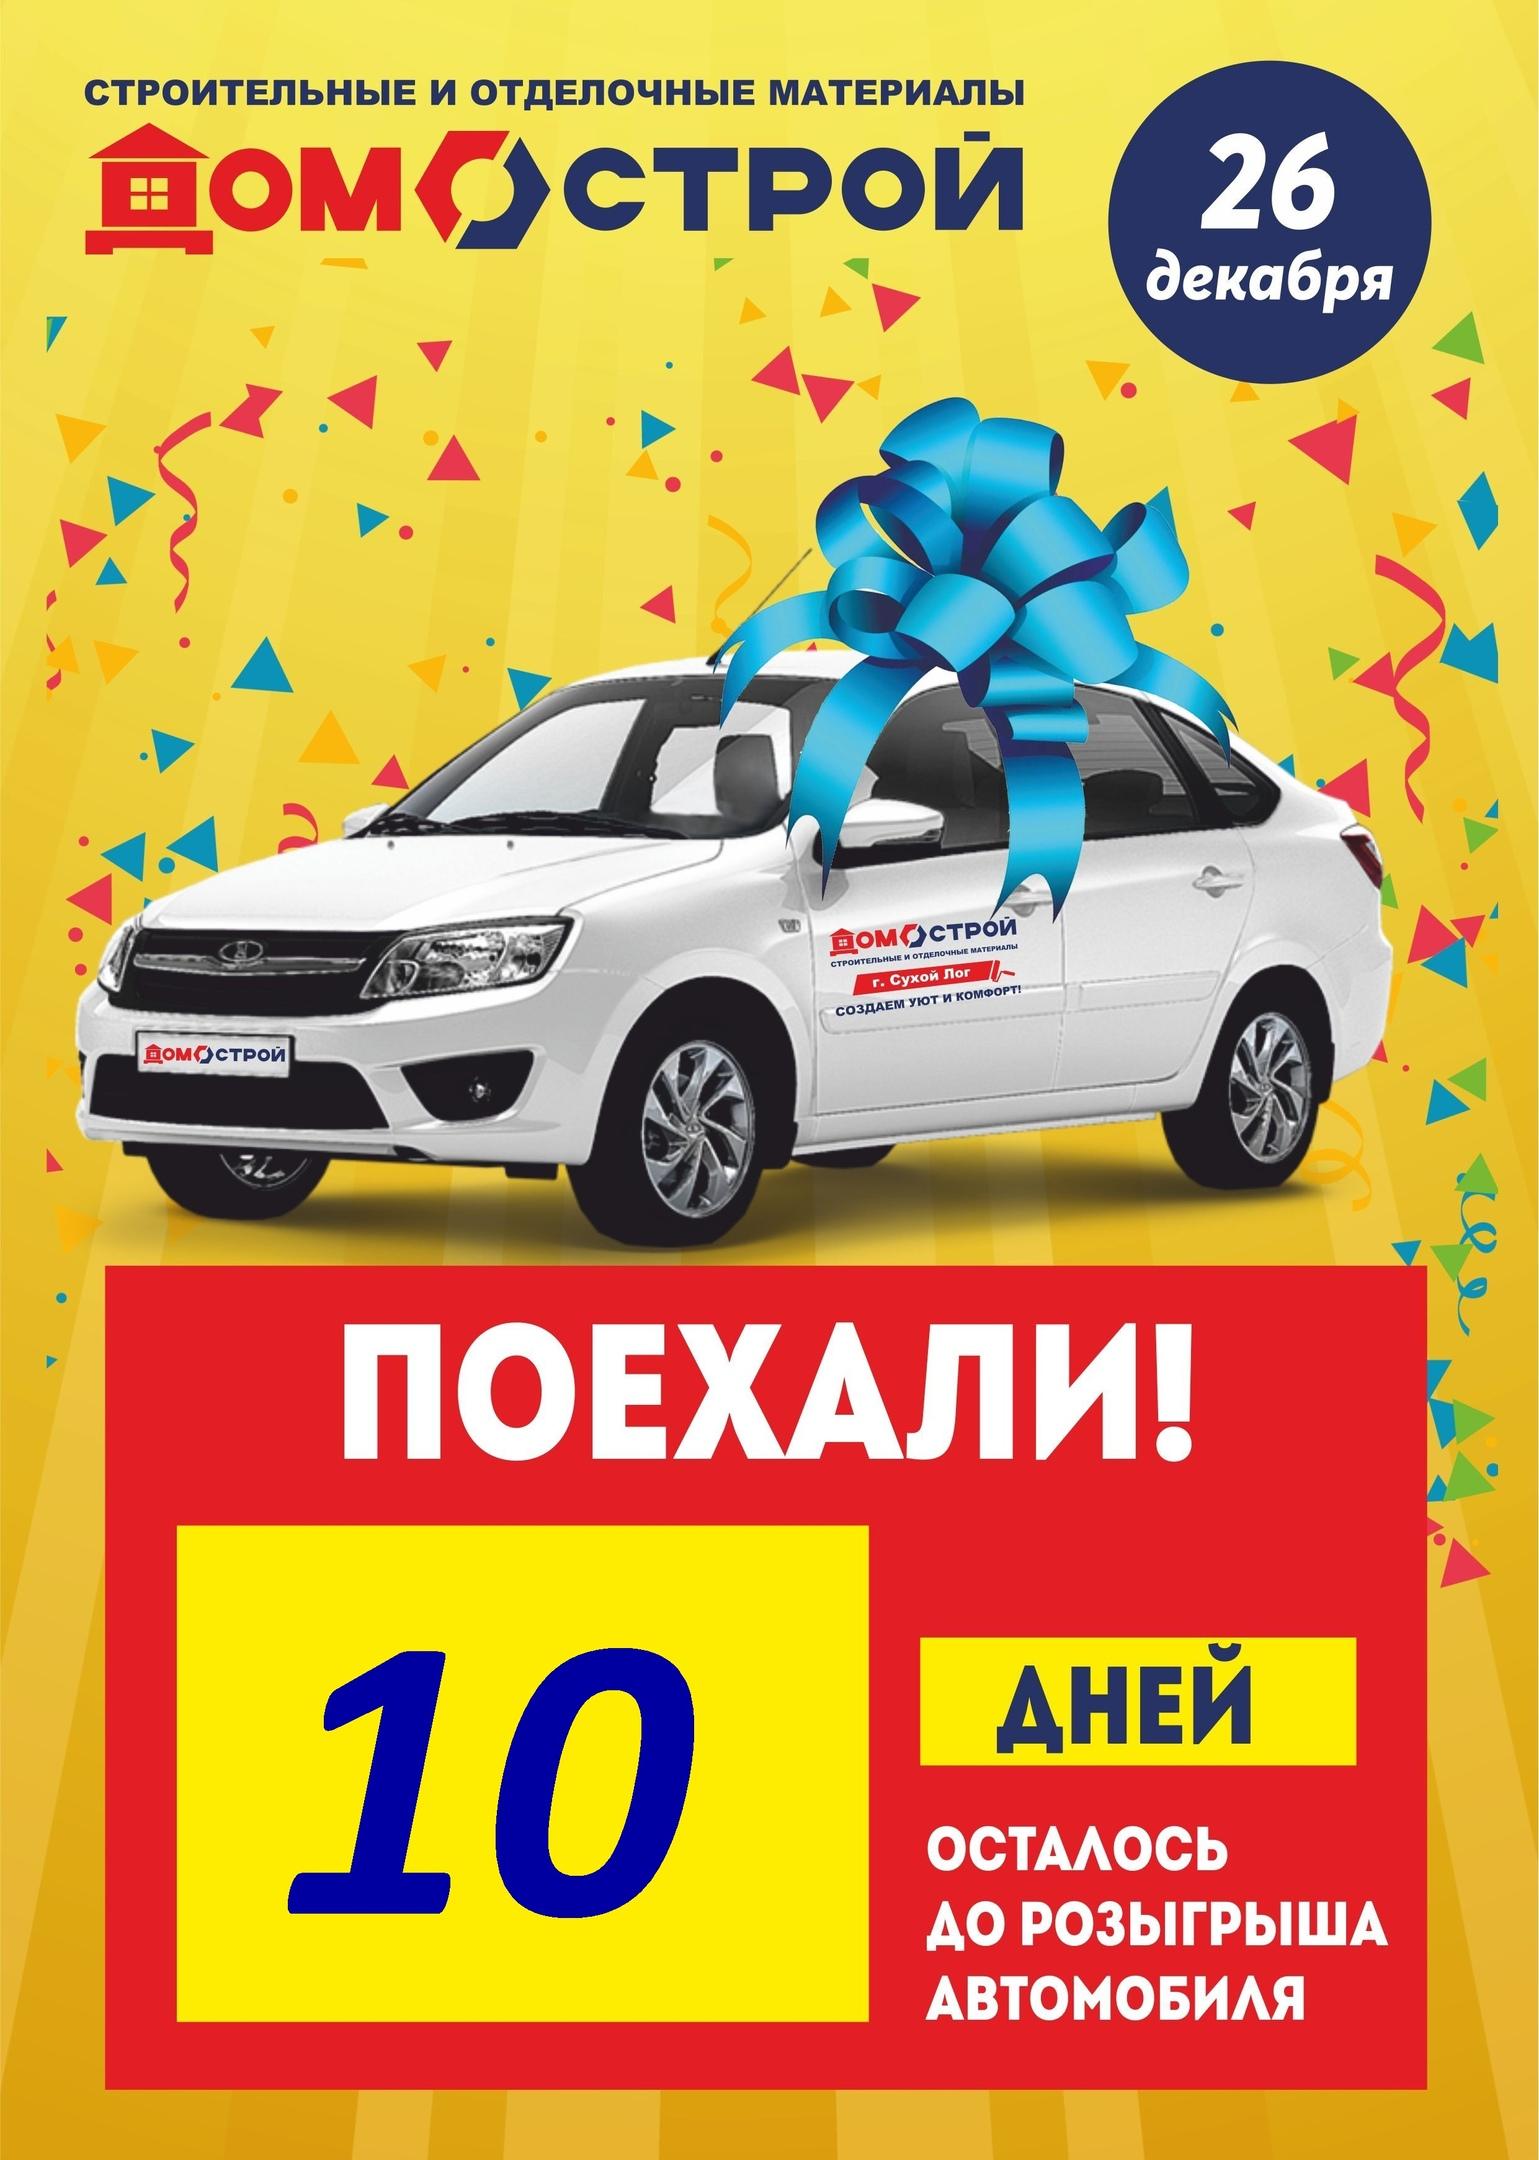 10 дней до розыгрыша двух автомобилей LADA GRANTA  в магазинах ''ДОМОСТРОЙ''